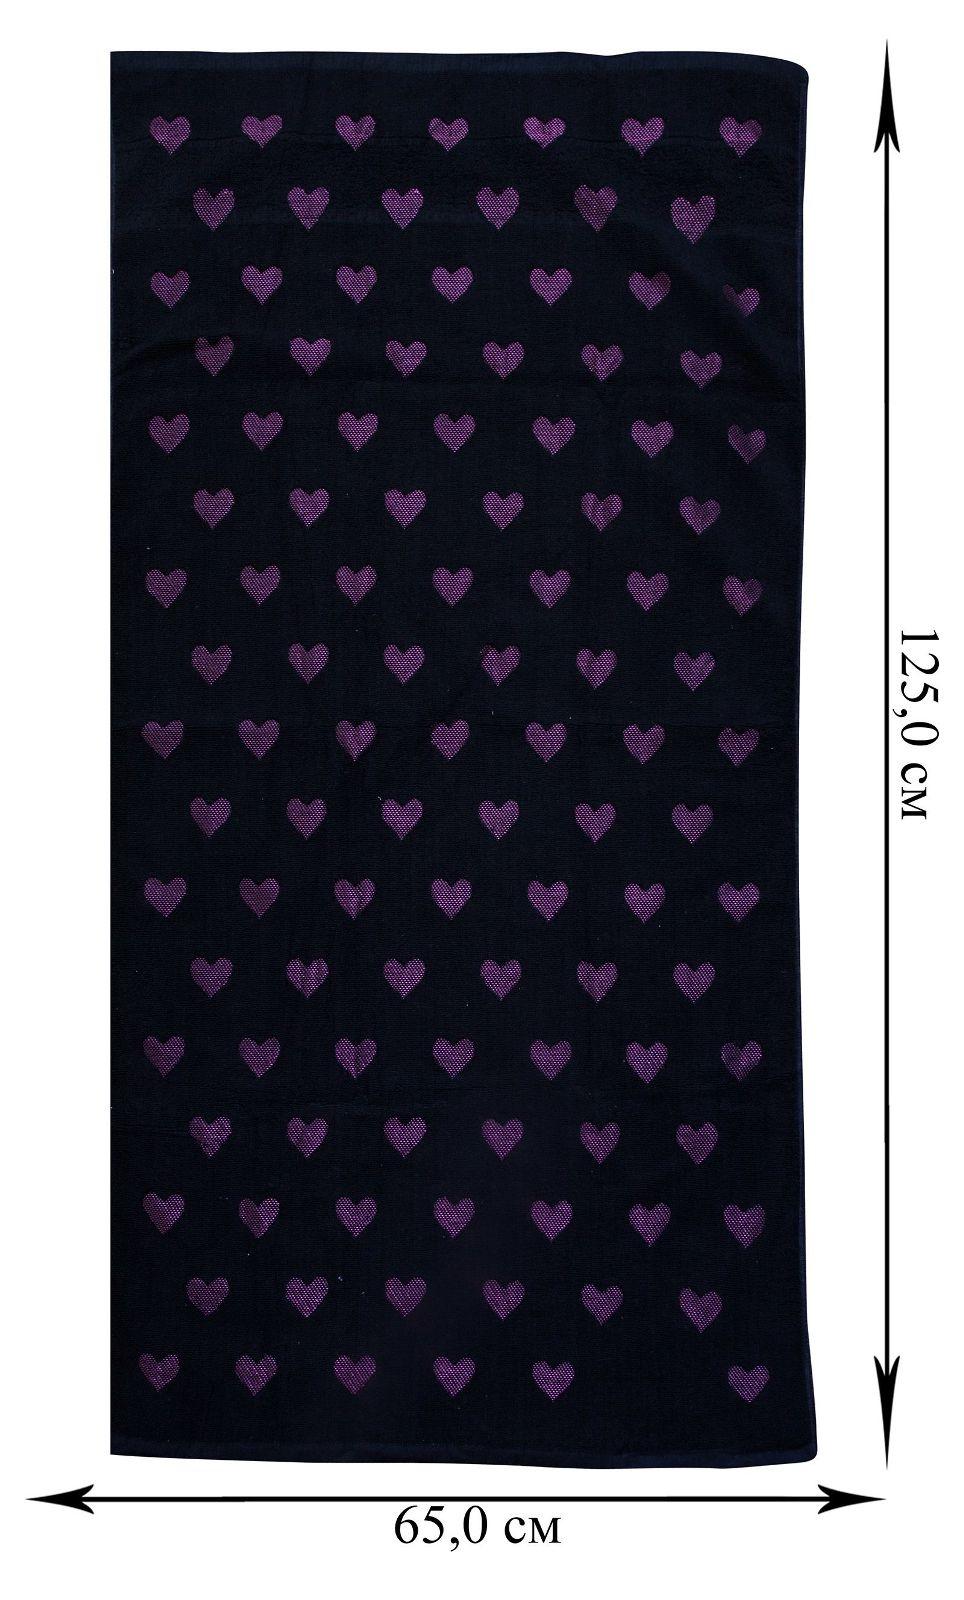 Полотенце с сердечками - заказать с доставкой